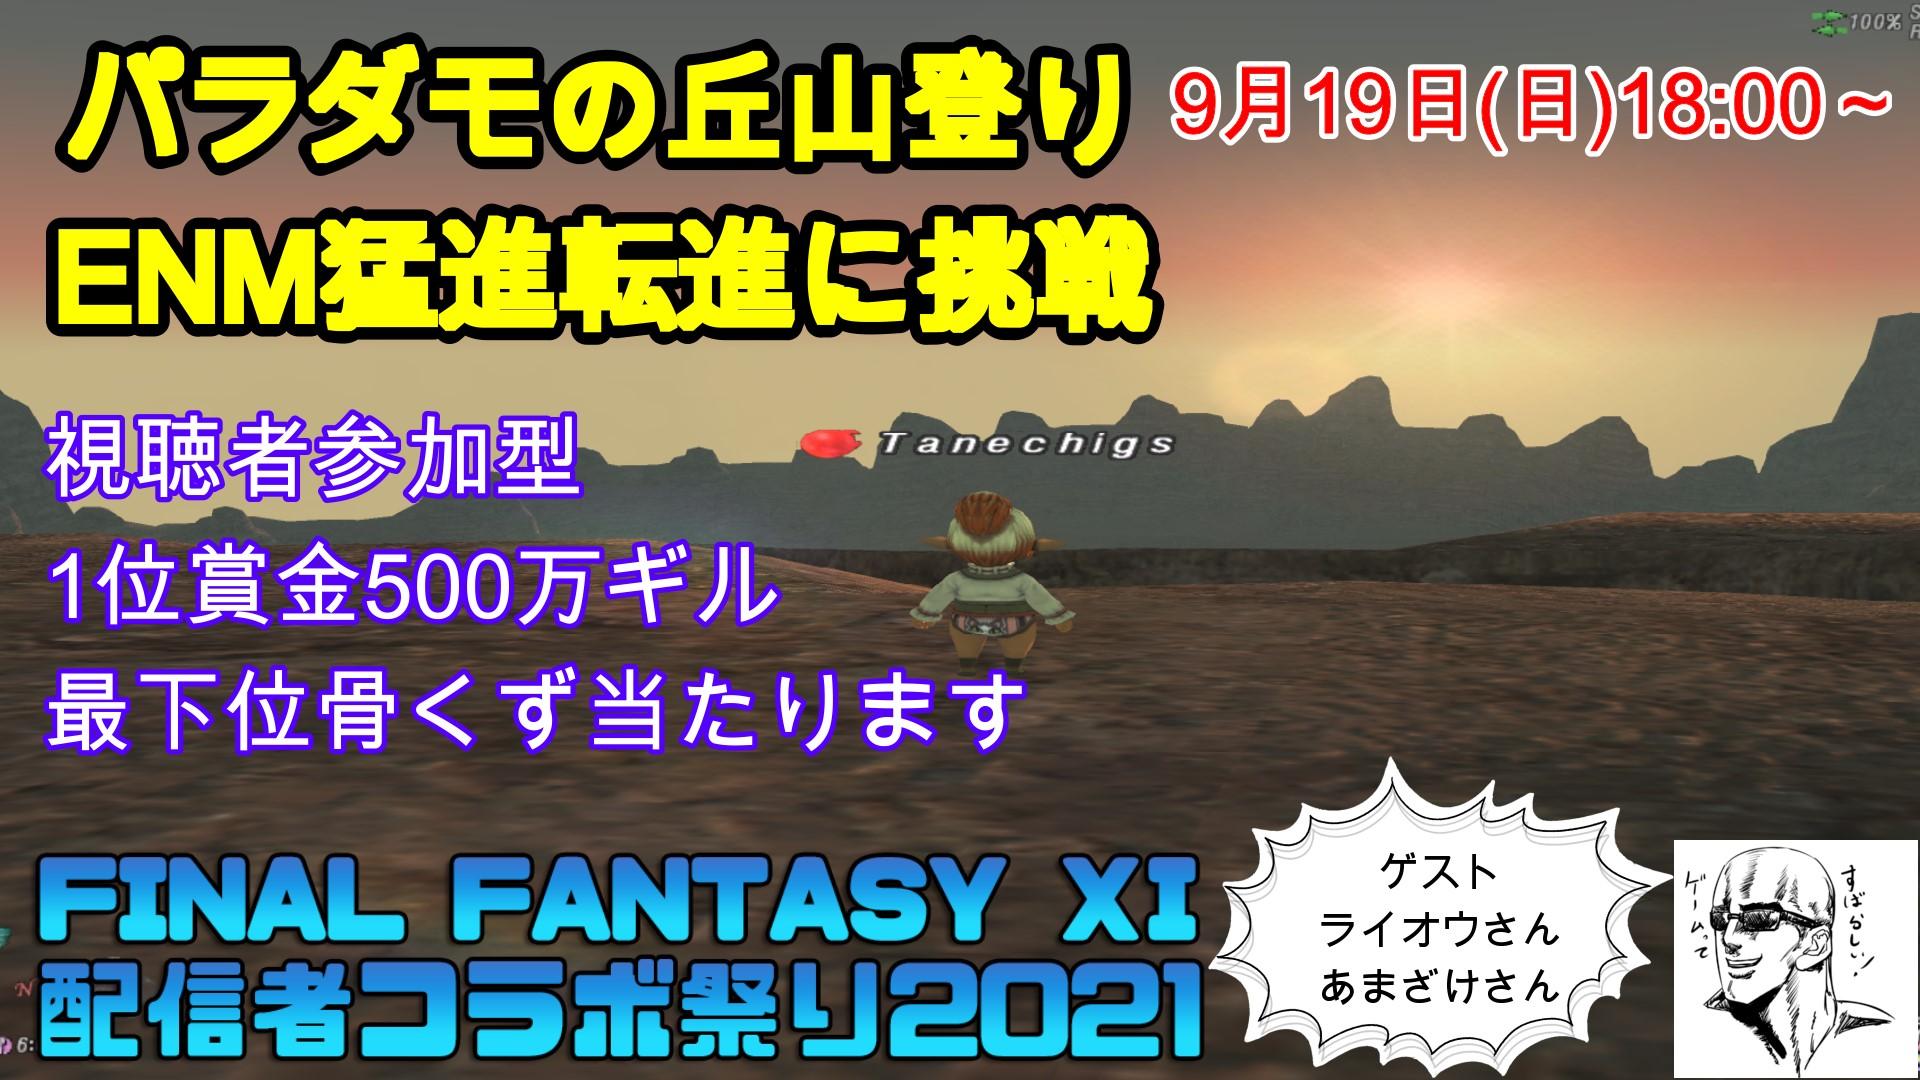 ff11zakki364.jpg